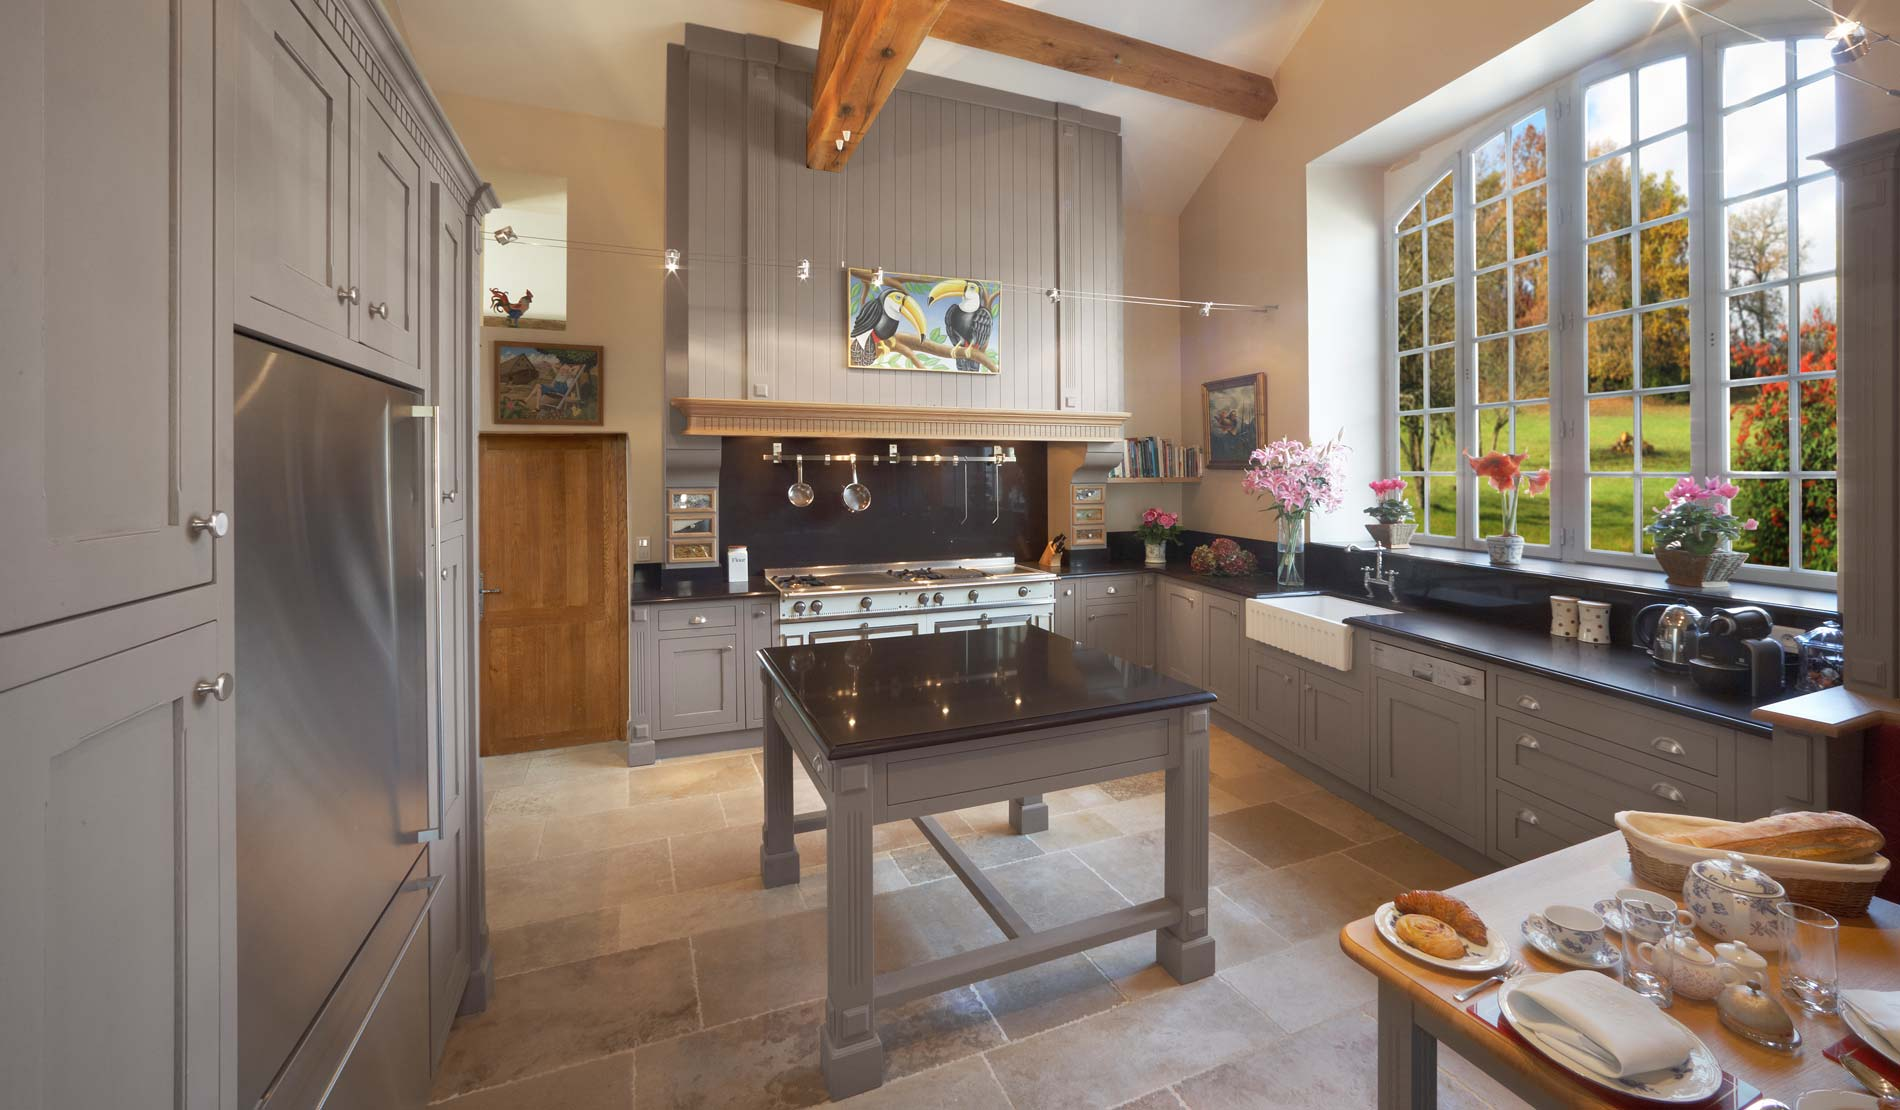 Cuisine moderne dans maison ancienne maison moderne for Cuisine dans maison ancienne